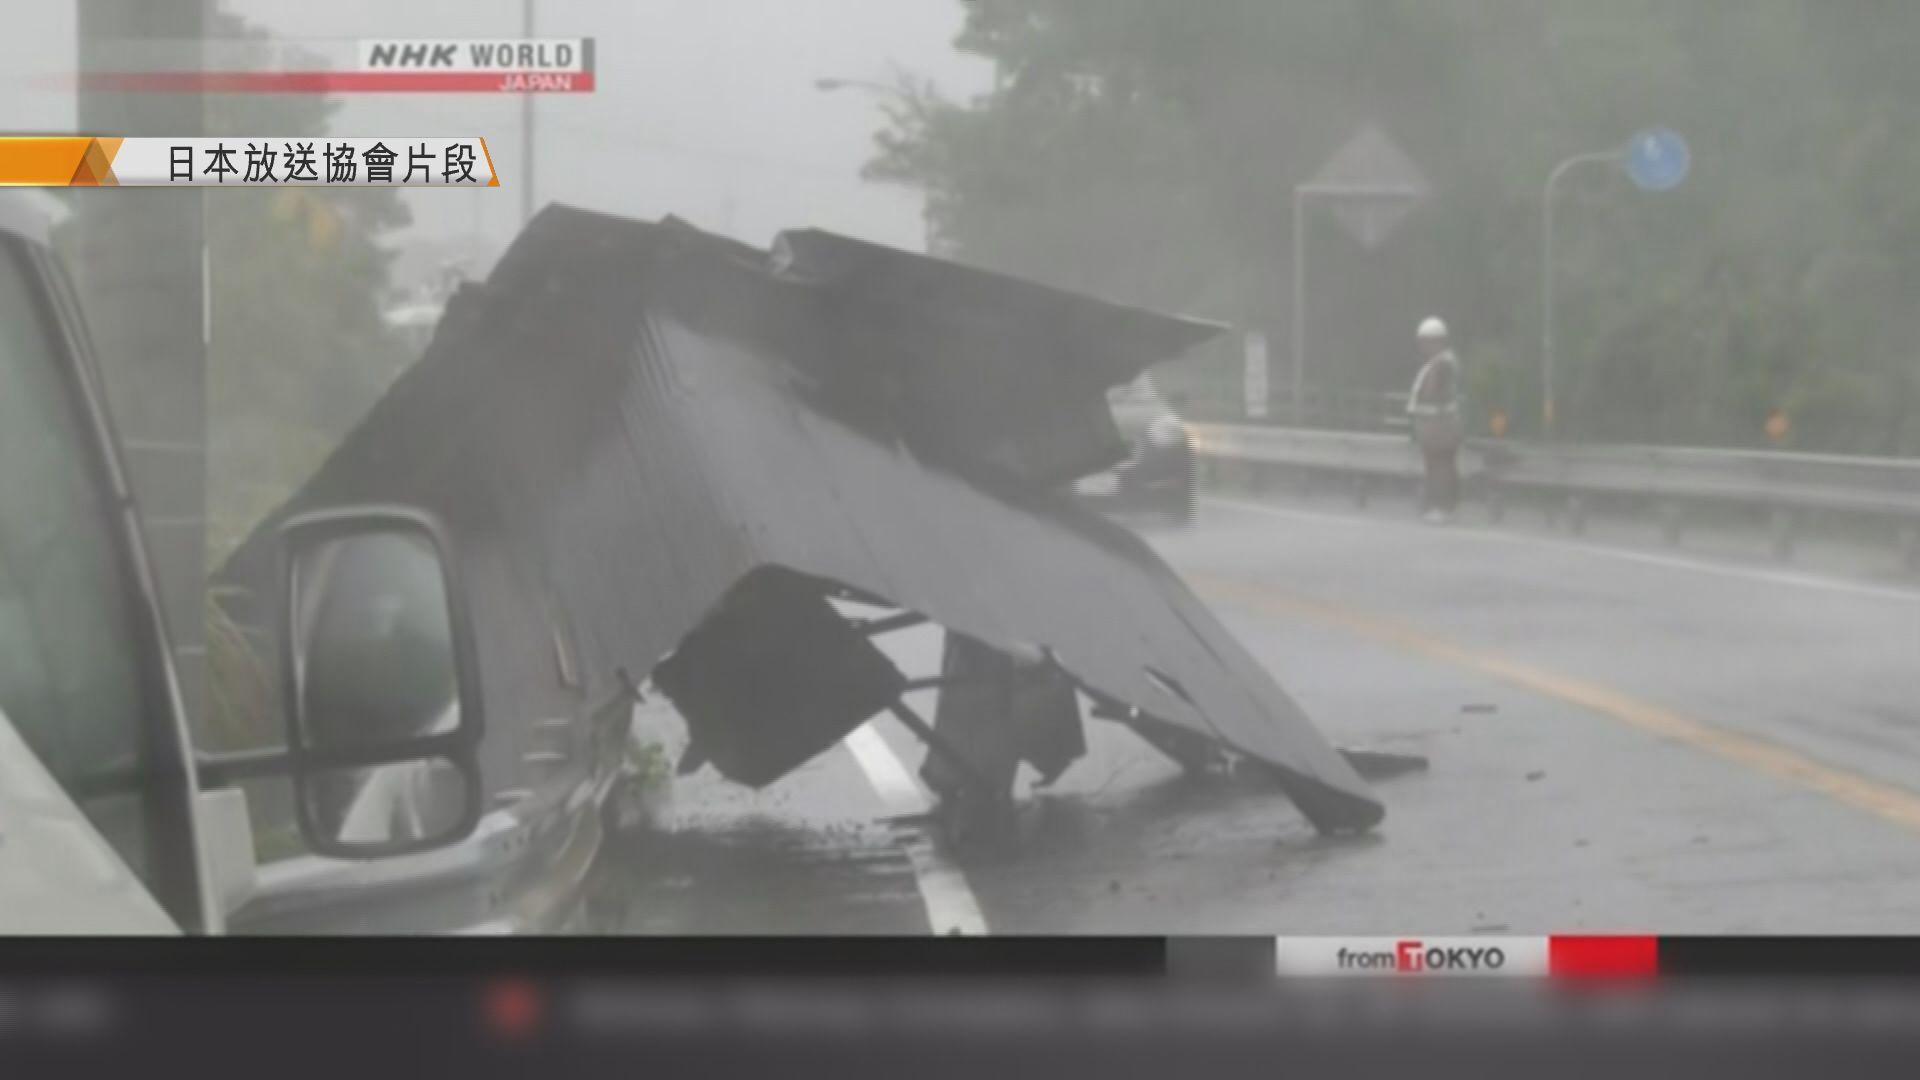 強颱風飛燕吹襲日本四國及近畿